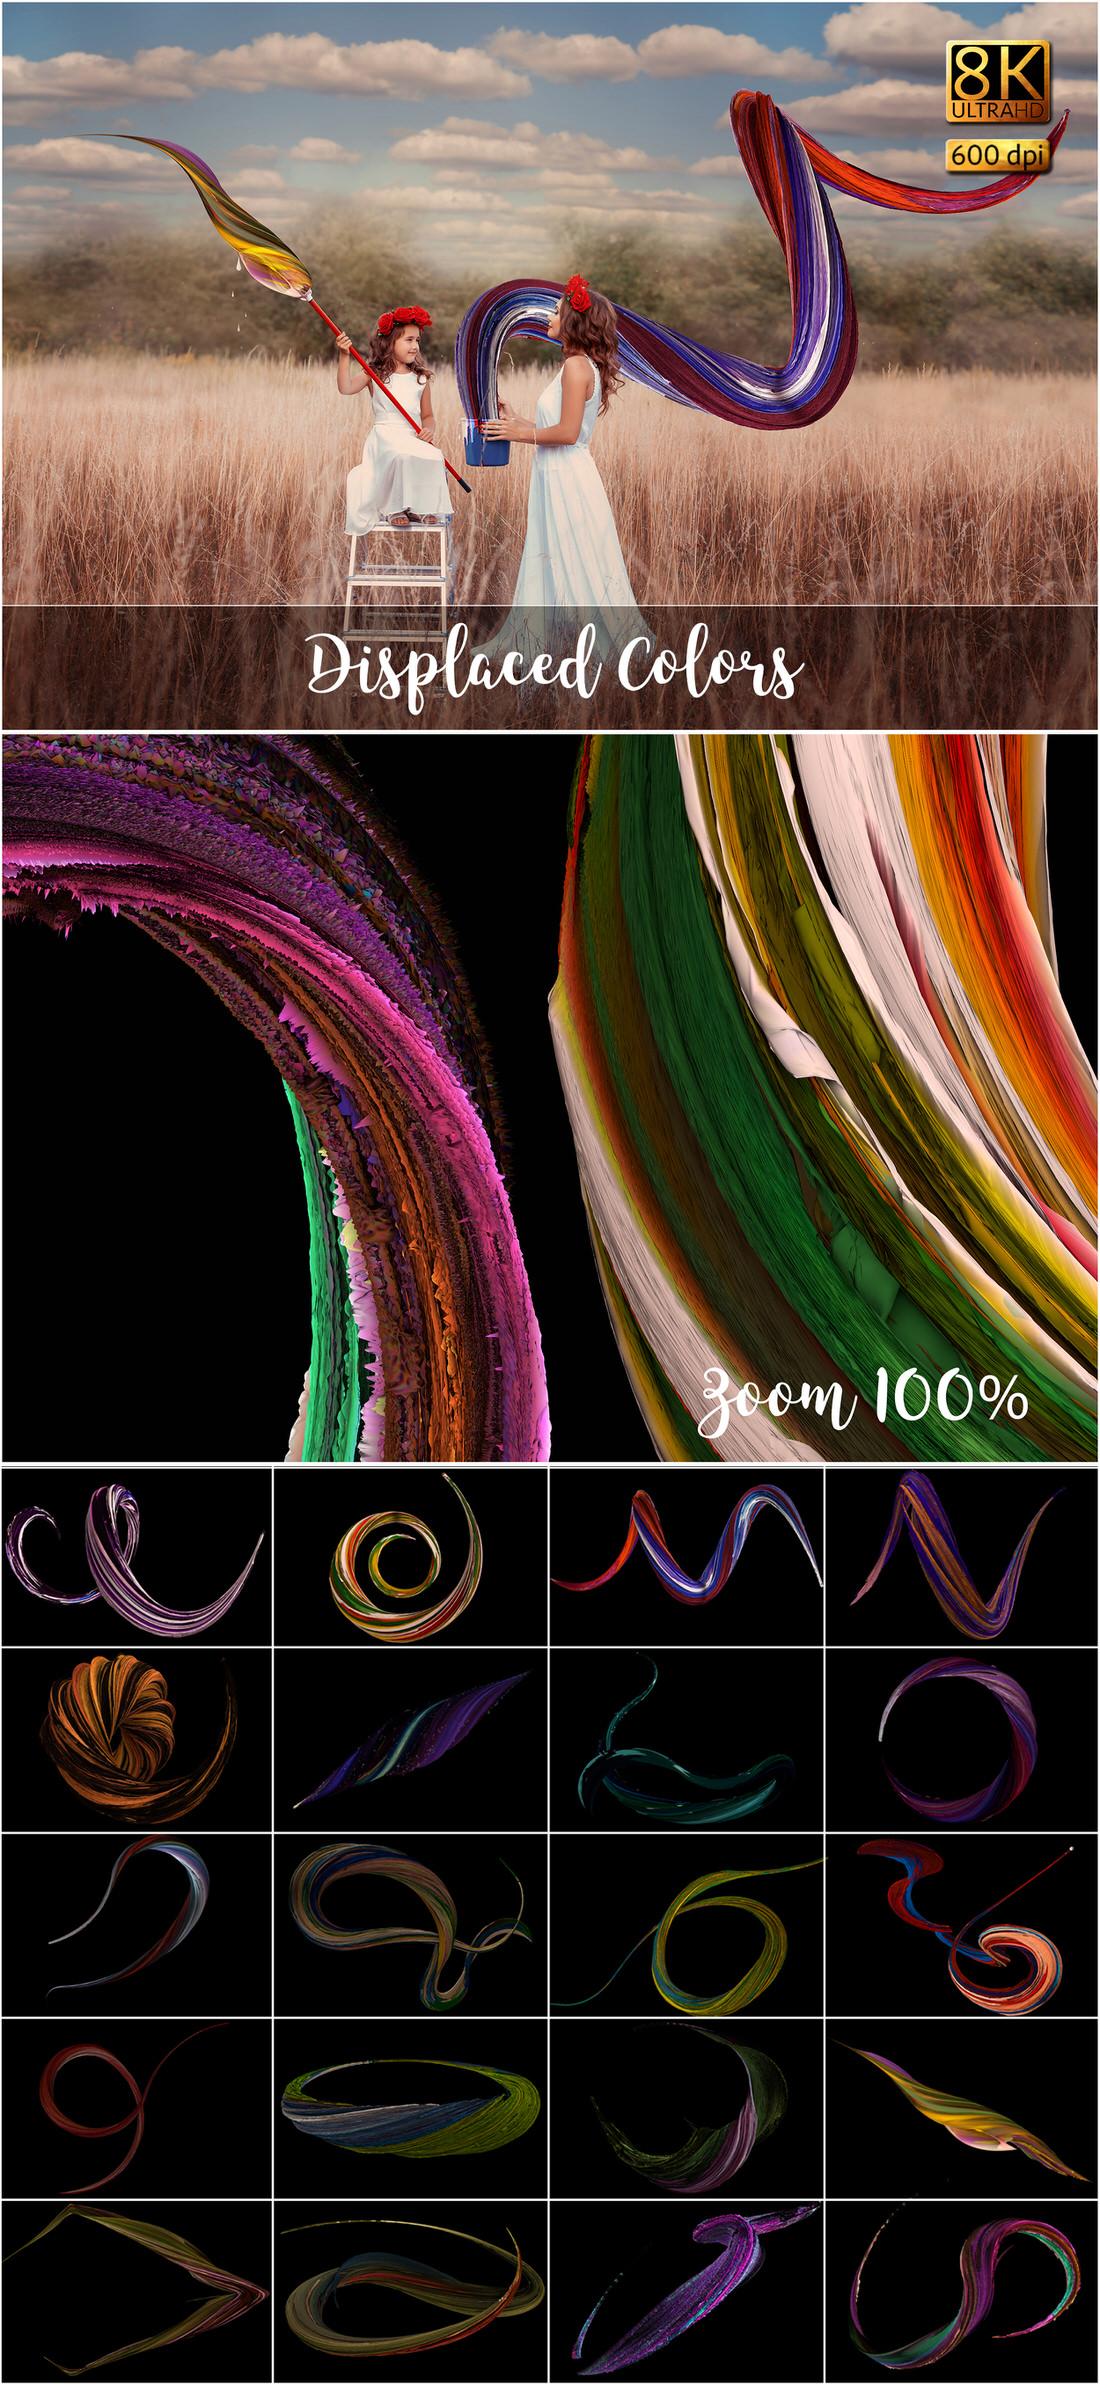 Displaced Colors.jpg